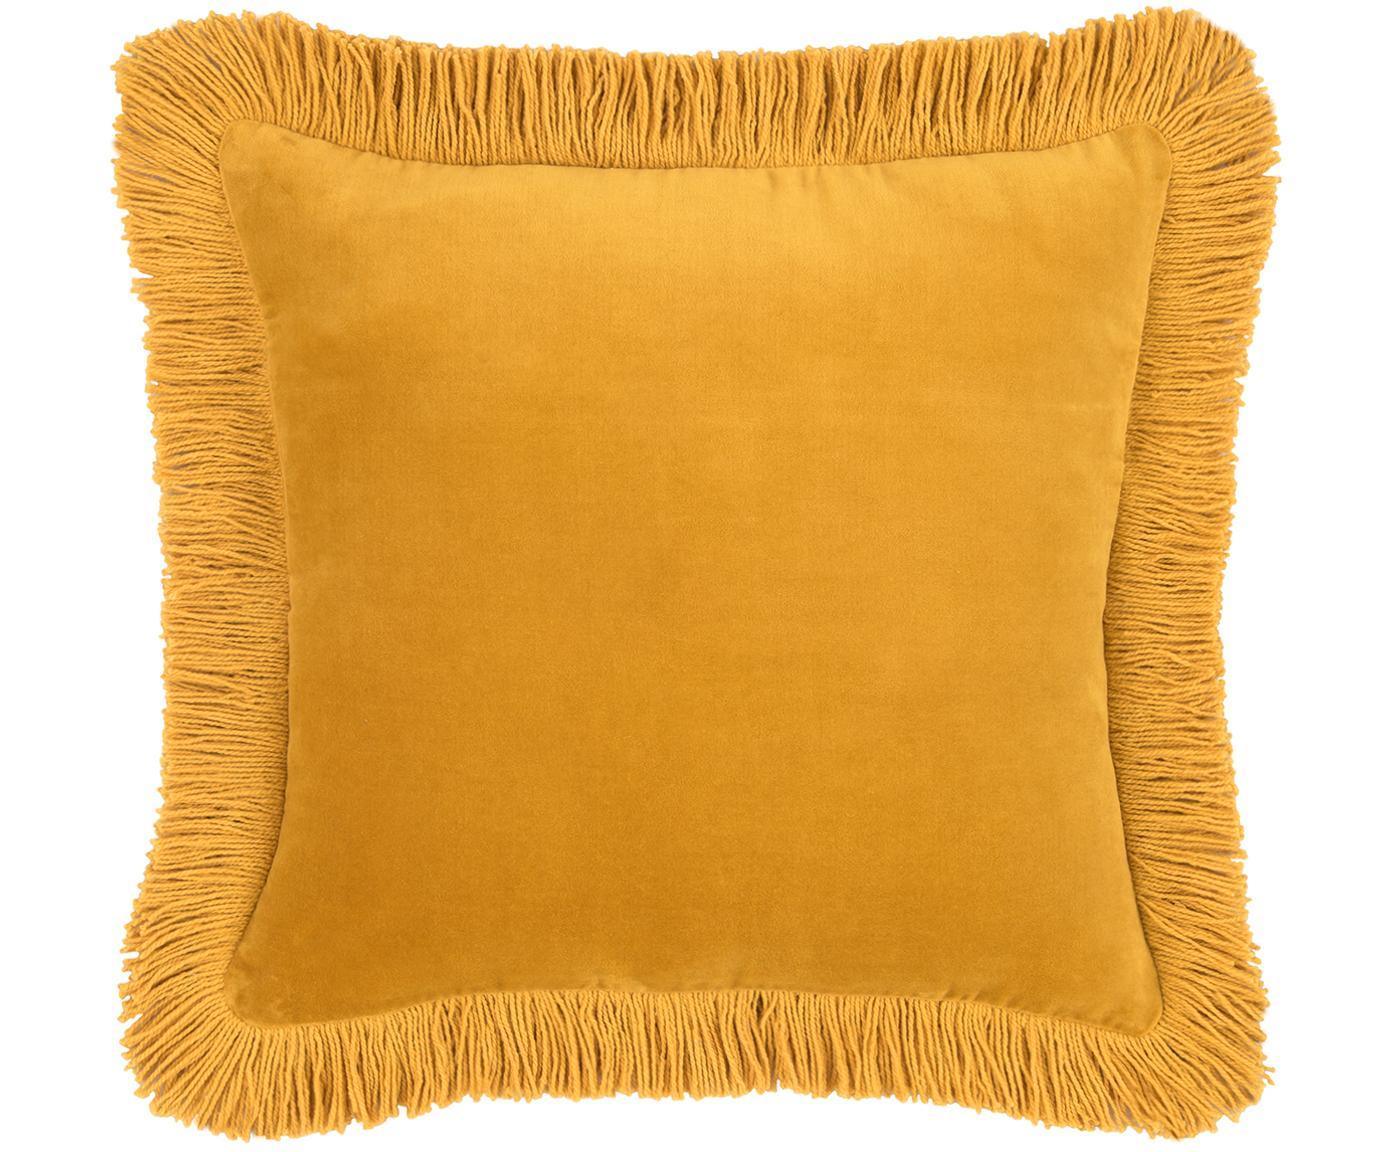 Poszewka na poduszkę z aksamitu Phoeby, Bawełna, Żółty, S 40 x D 40 cm